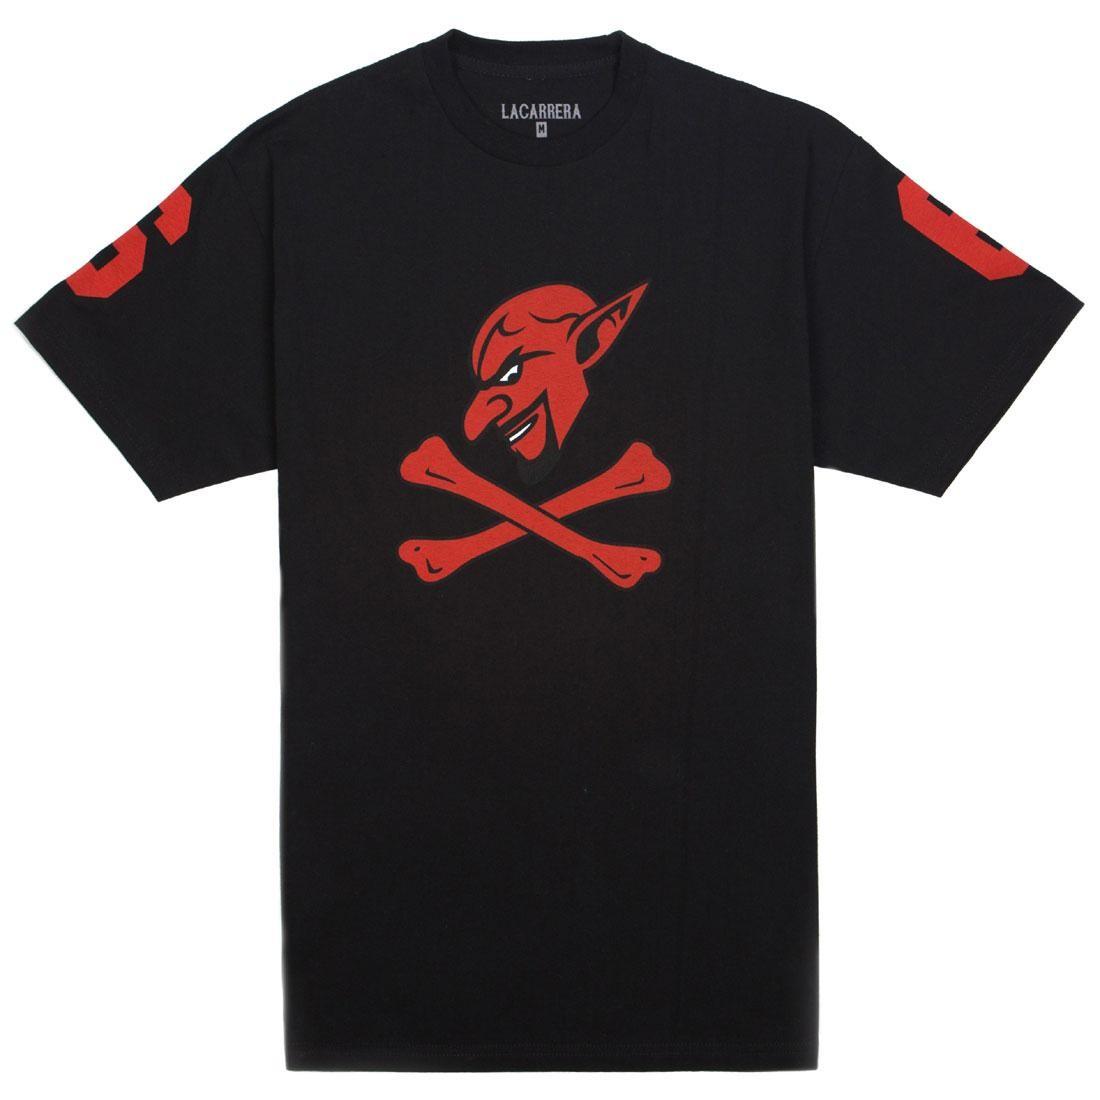 チーム エンジェルス Tシャツ 黒 ブラック 赤 レッド 【 TEAM ANGELS BLACK RED LA CARRERA MEN FALLEN TEE 】 メンズファッション トップス Tシャツ カットソー